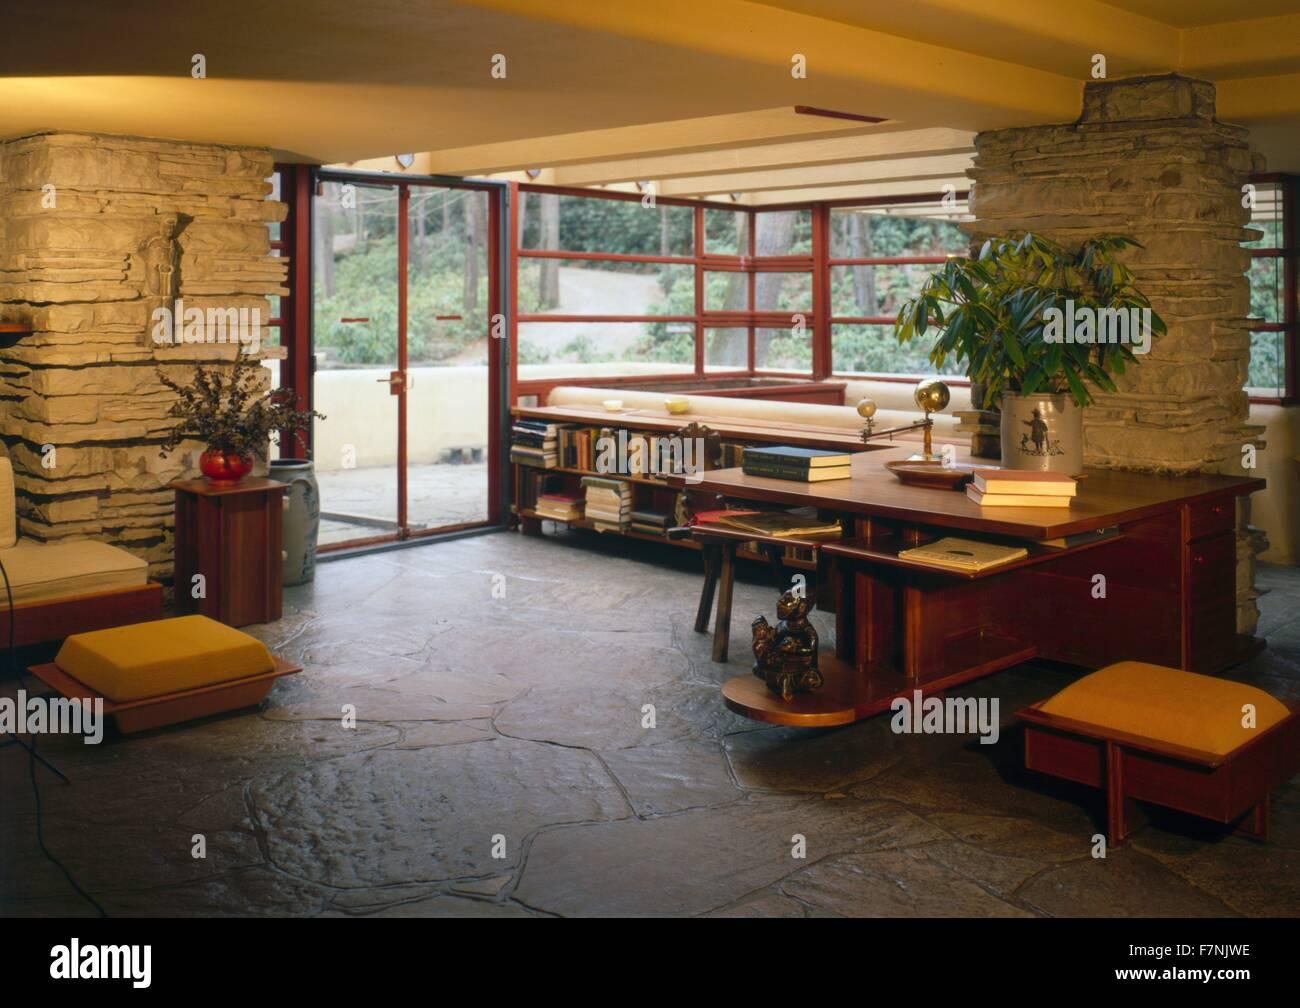 Vue intérieure montrant au salon ou fallingwater kaufmann résidence est une maison conçue par l